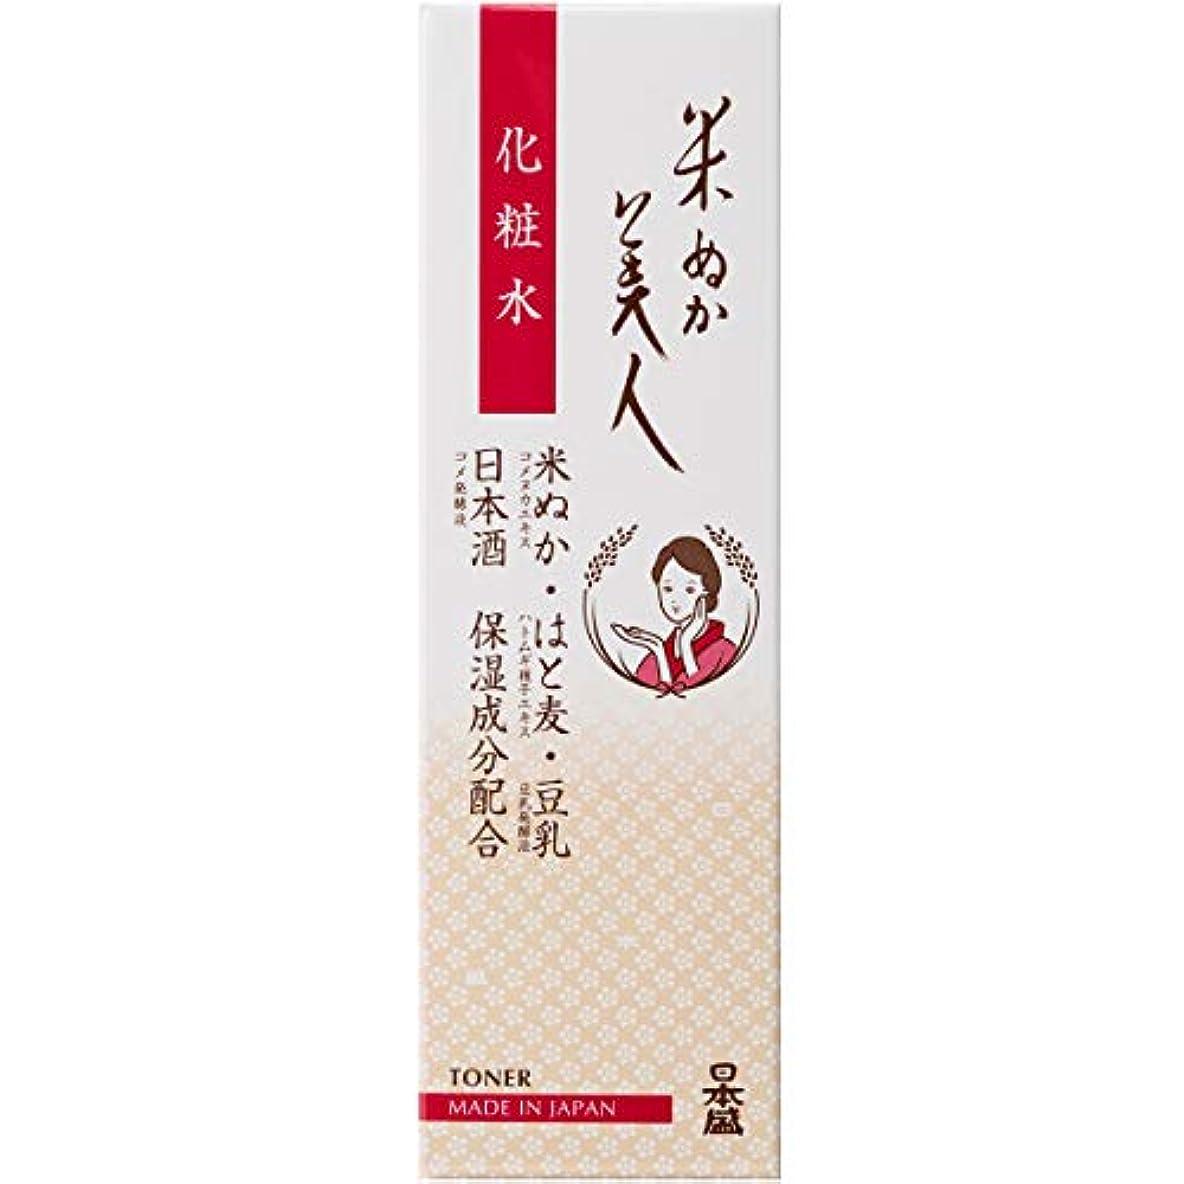 繁栄するうん平均日本盛 米ぬか美人 化粧水 120mL(無香料 無着色 弱酸性)